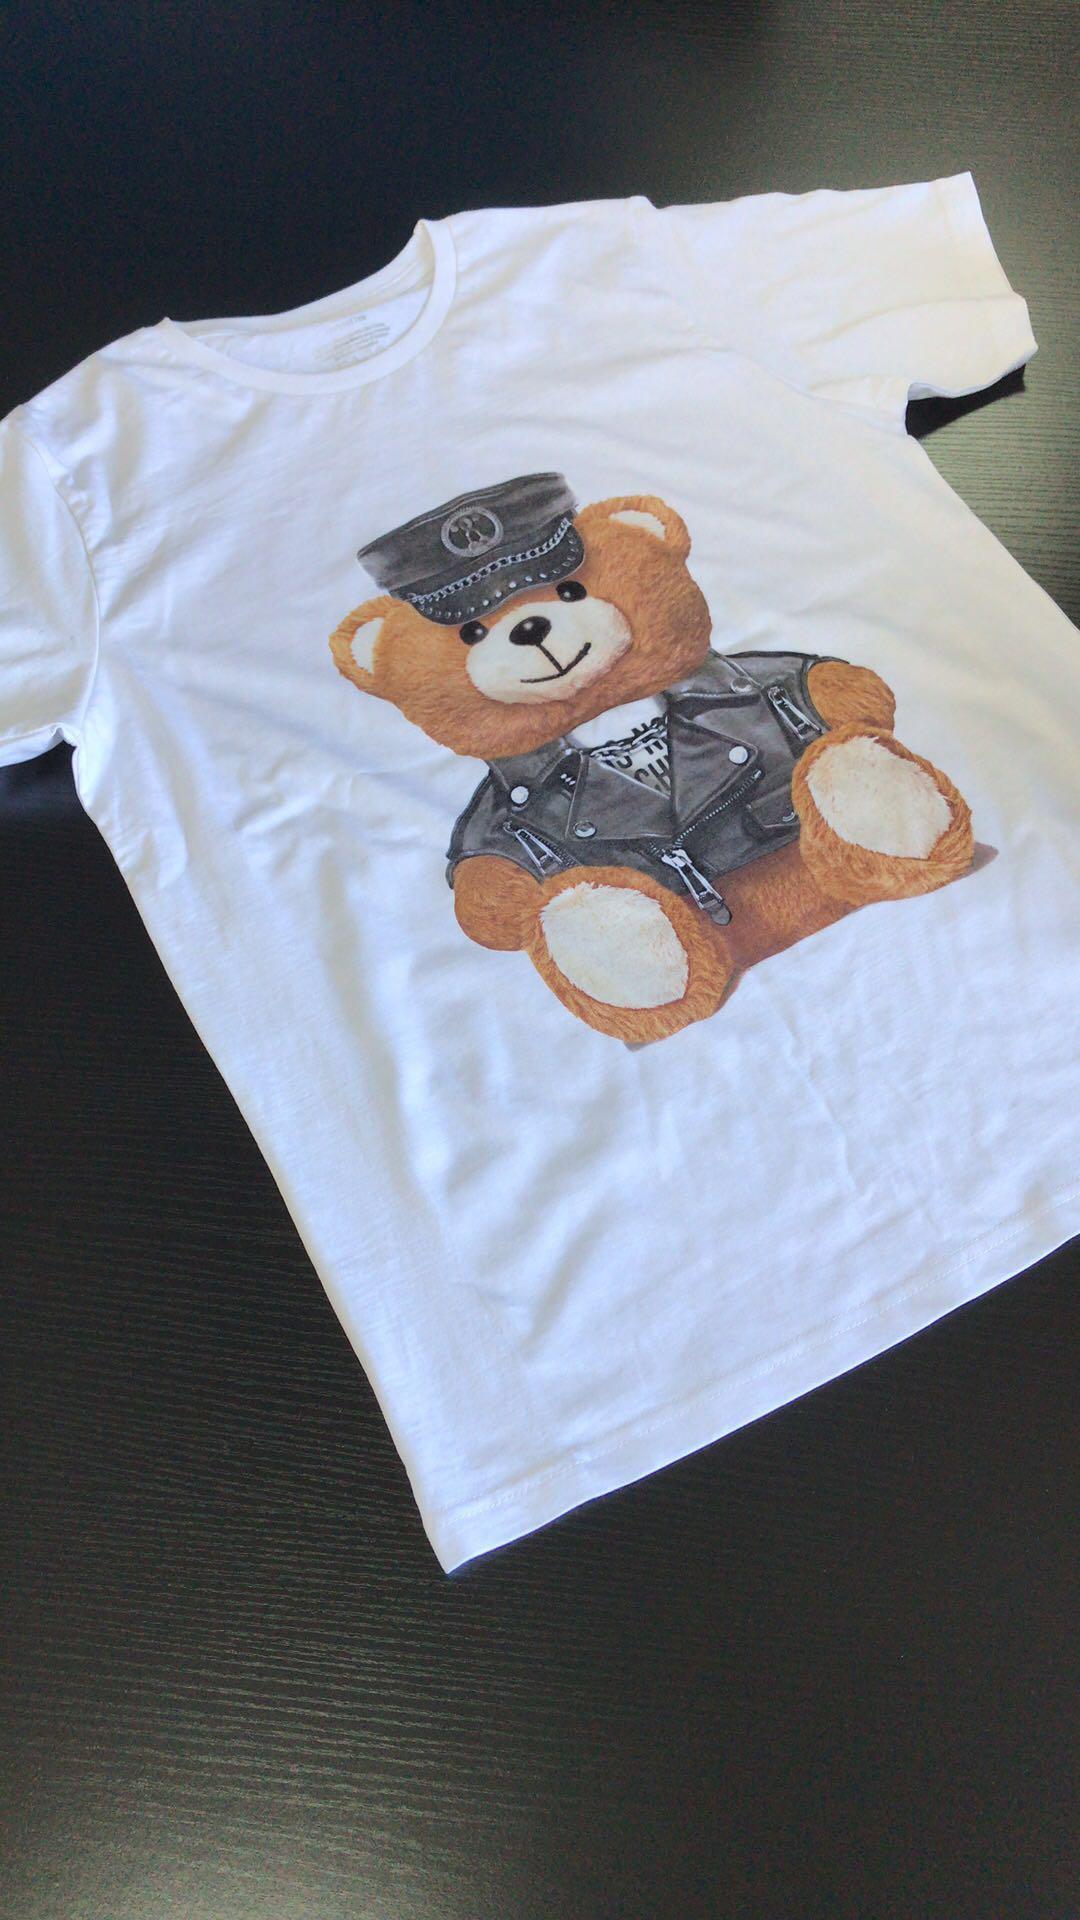 宏華T恤成衣數碼印花機